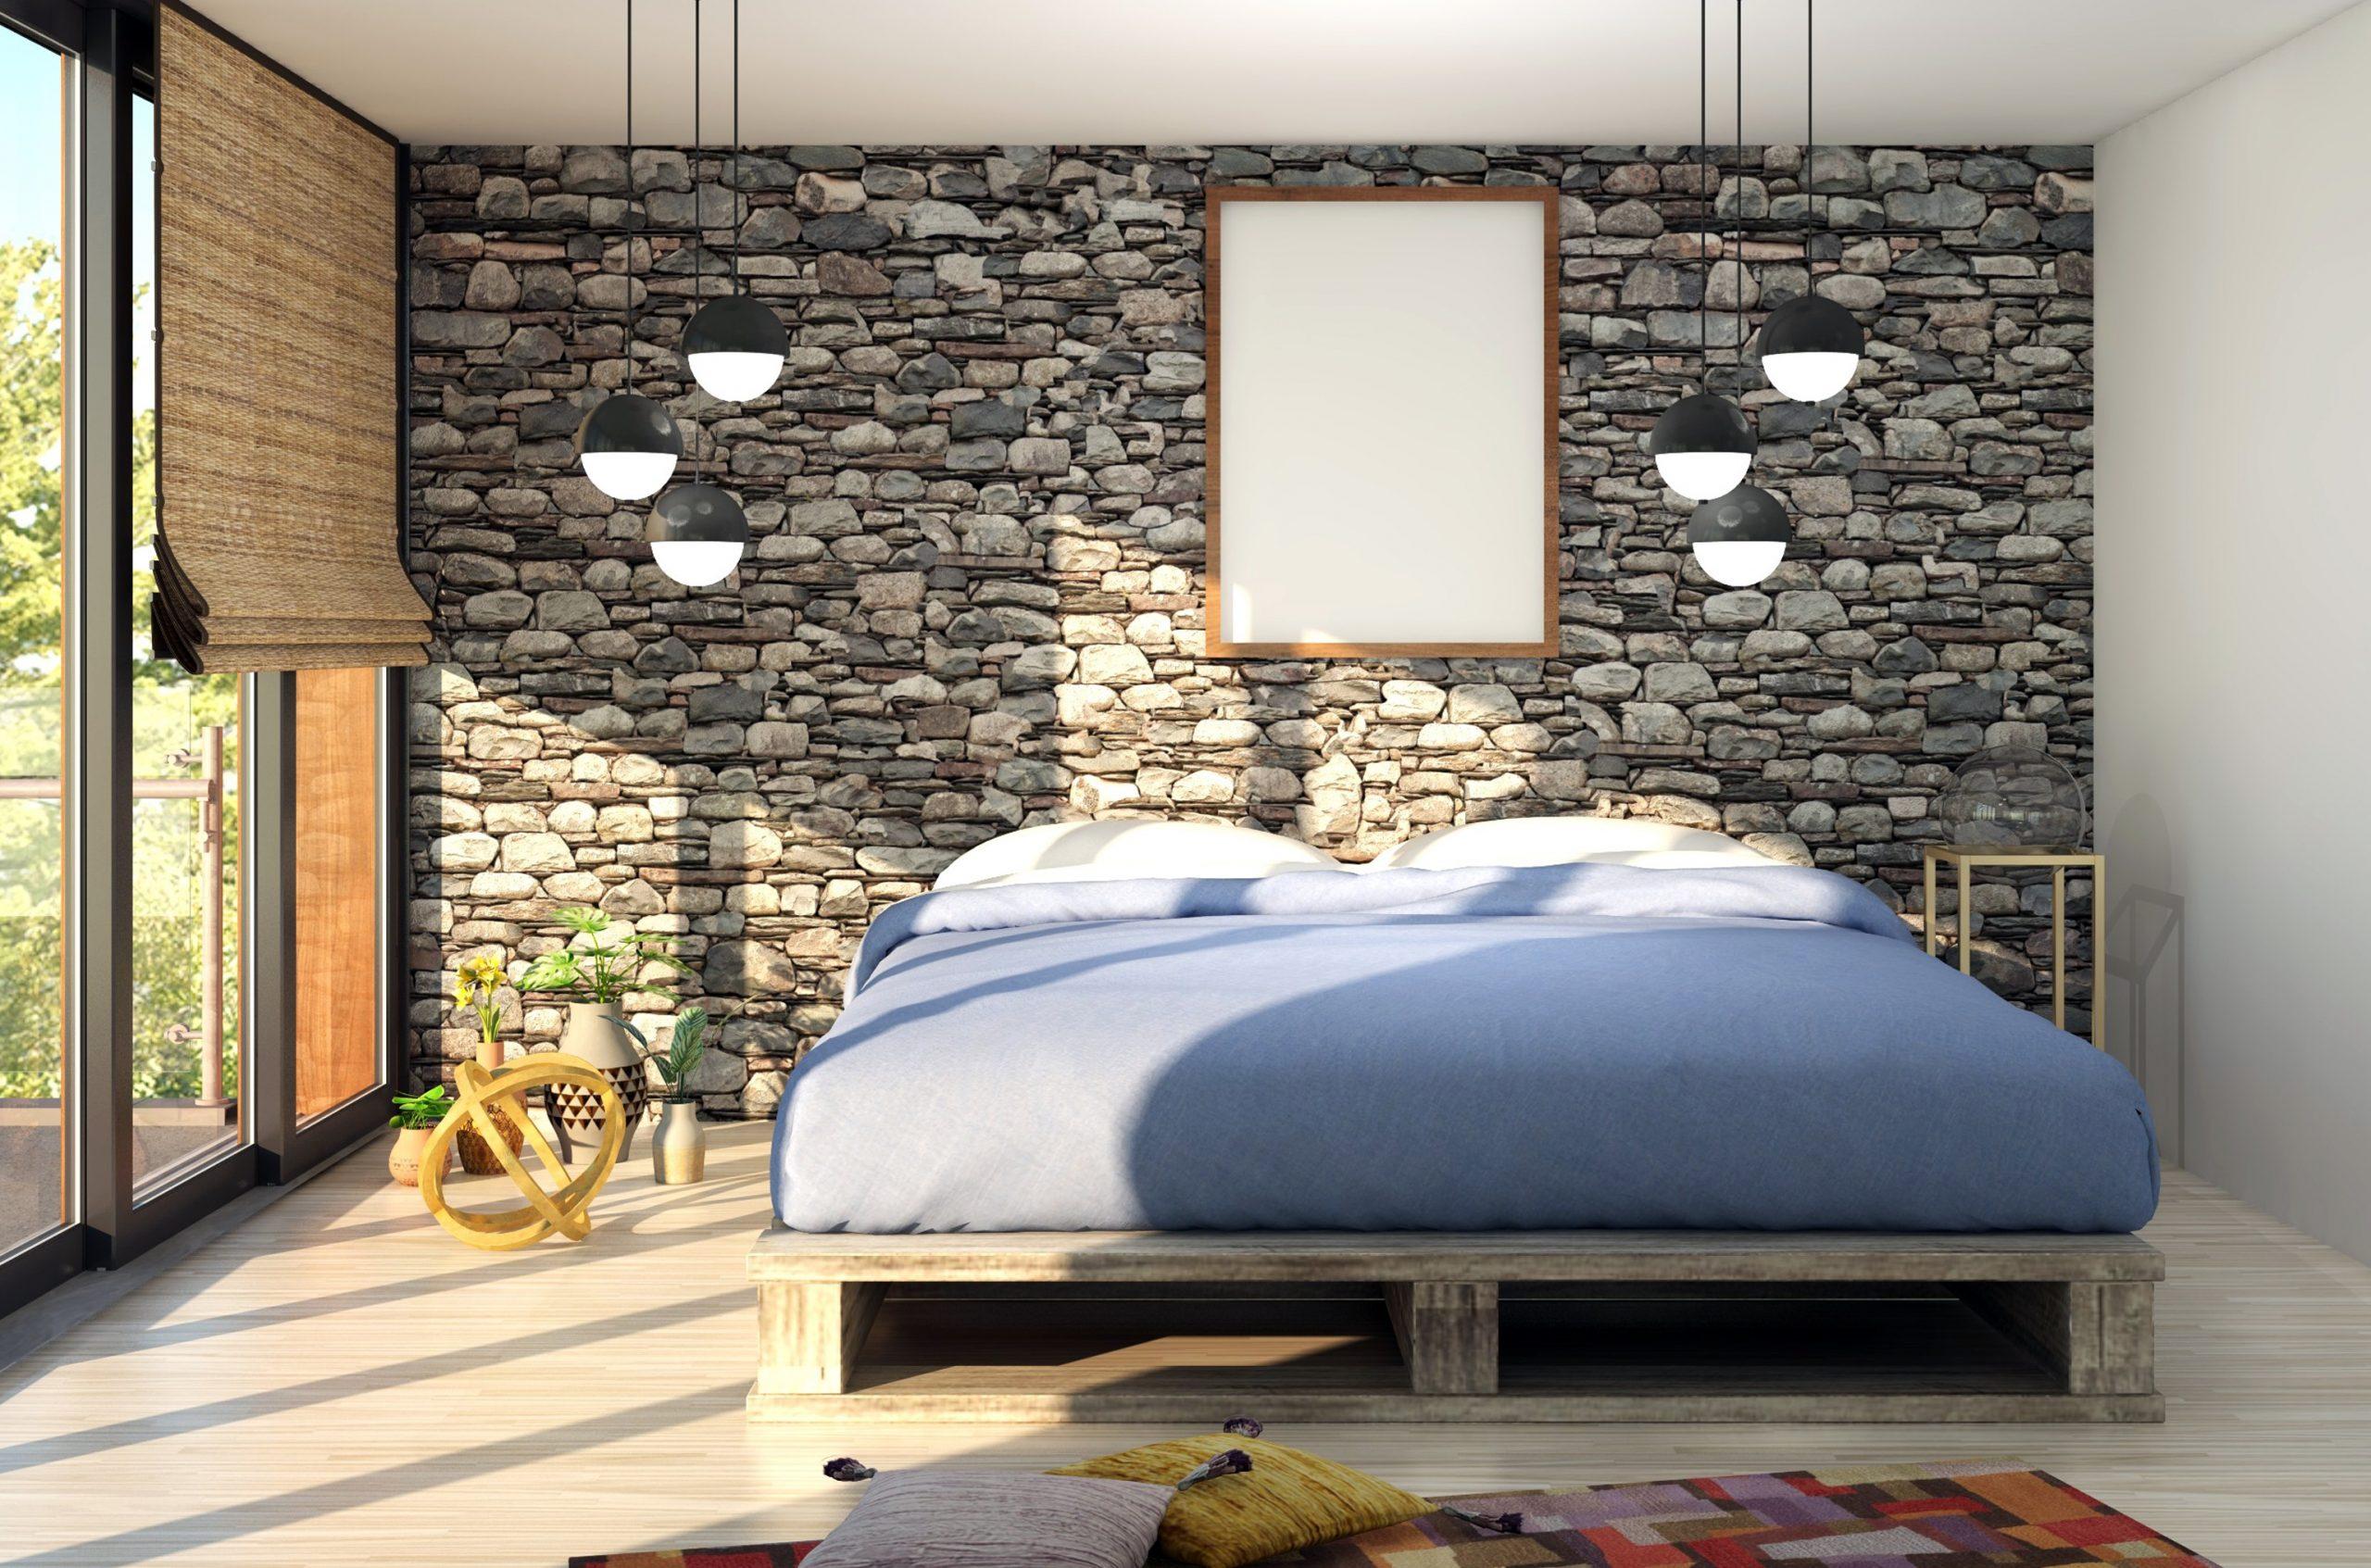 Кой цвят да изберем за спалнята, за да имаме пълноценен сън?